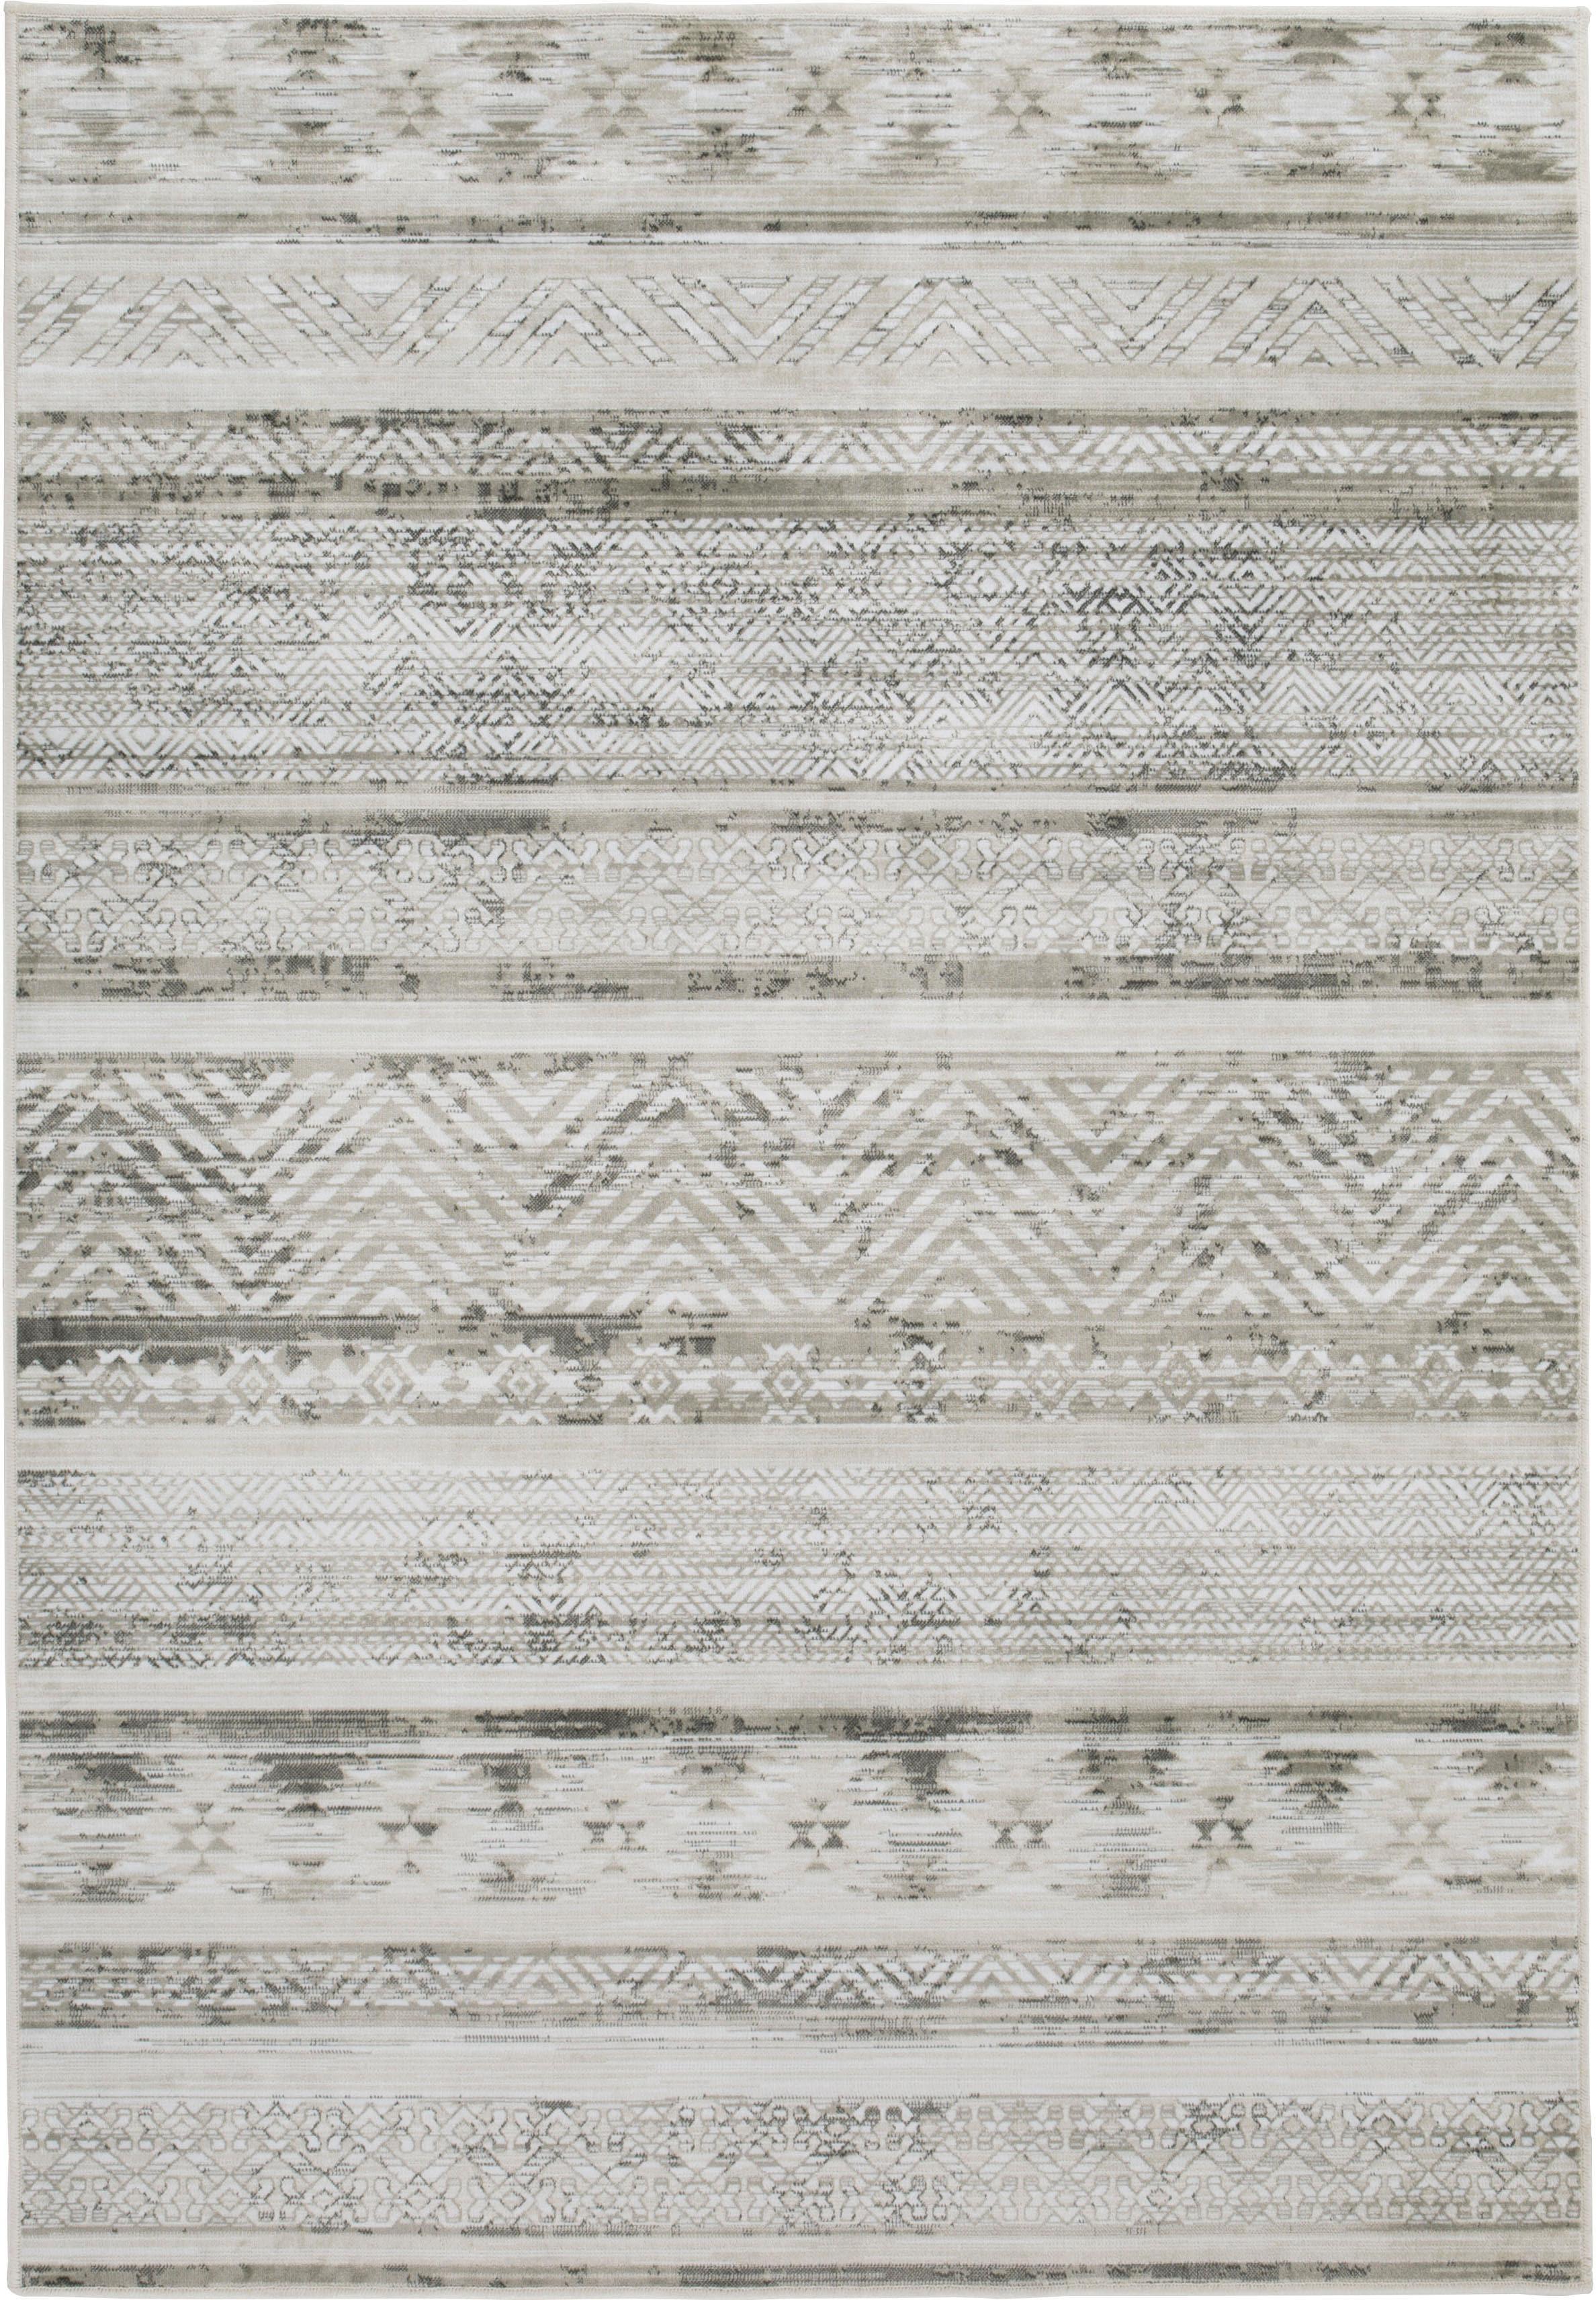 Teppich Famos 6 LUXOR living rechteckig Höhe 4 mm maschinell gewebt